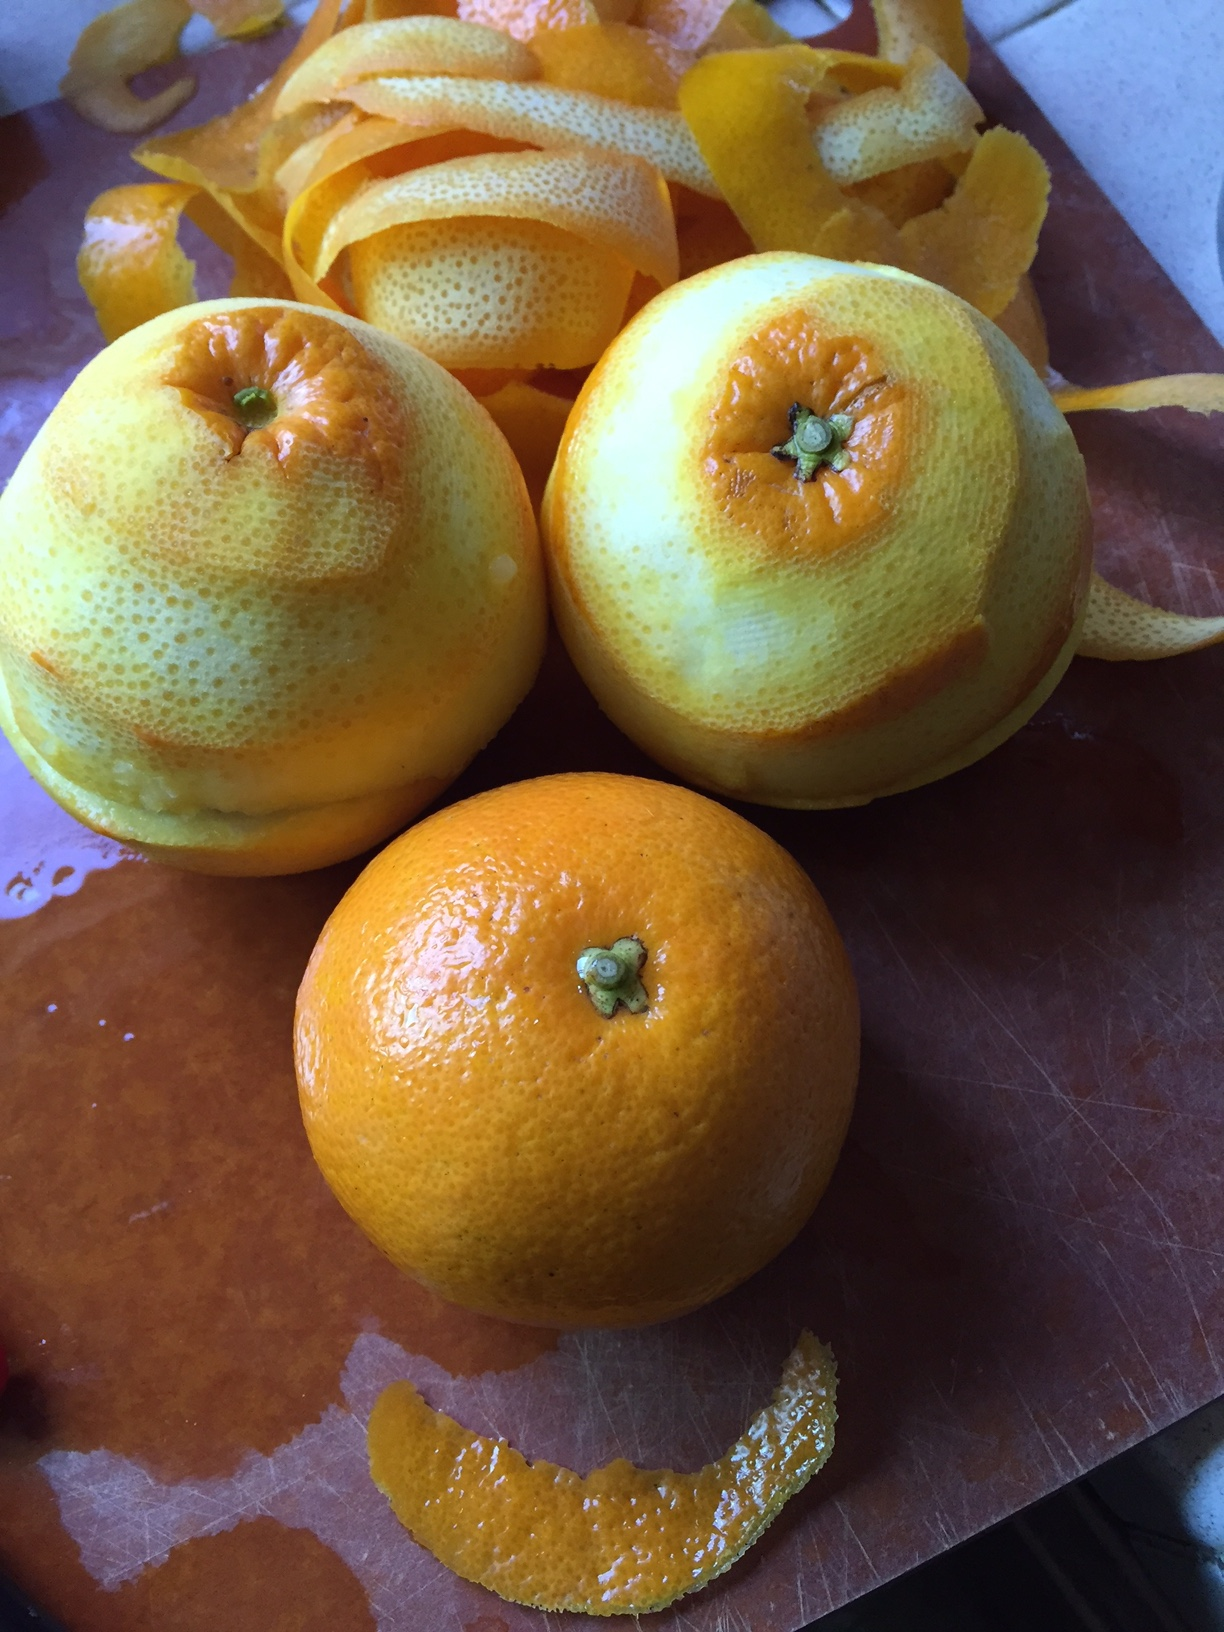 Maike's Seville Orange prep for marmalade